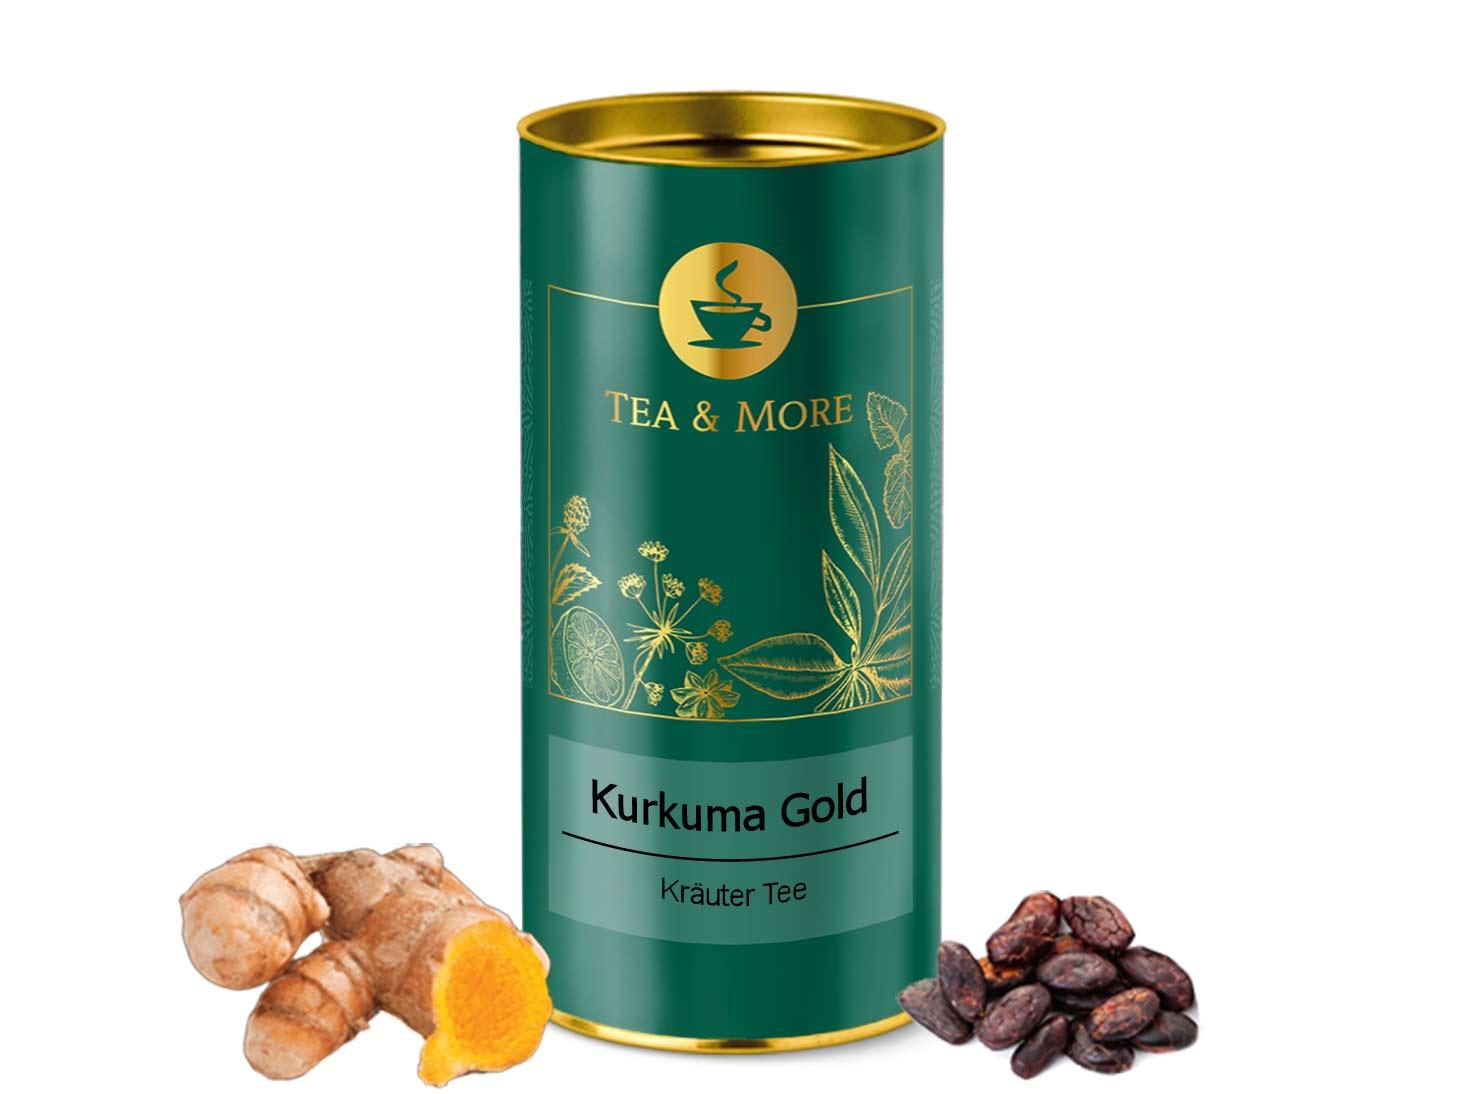 Kurkuma Gold